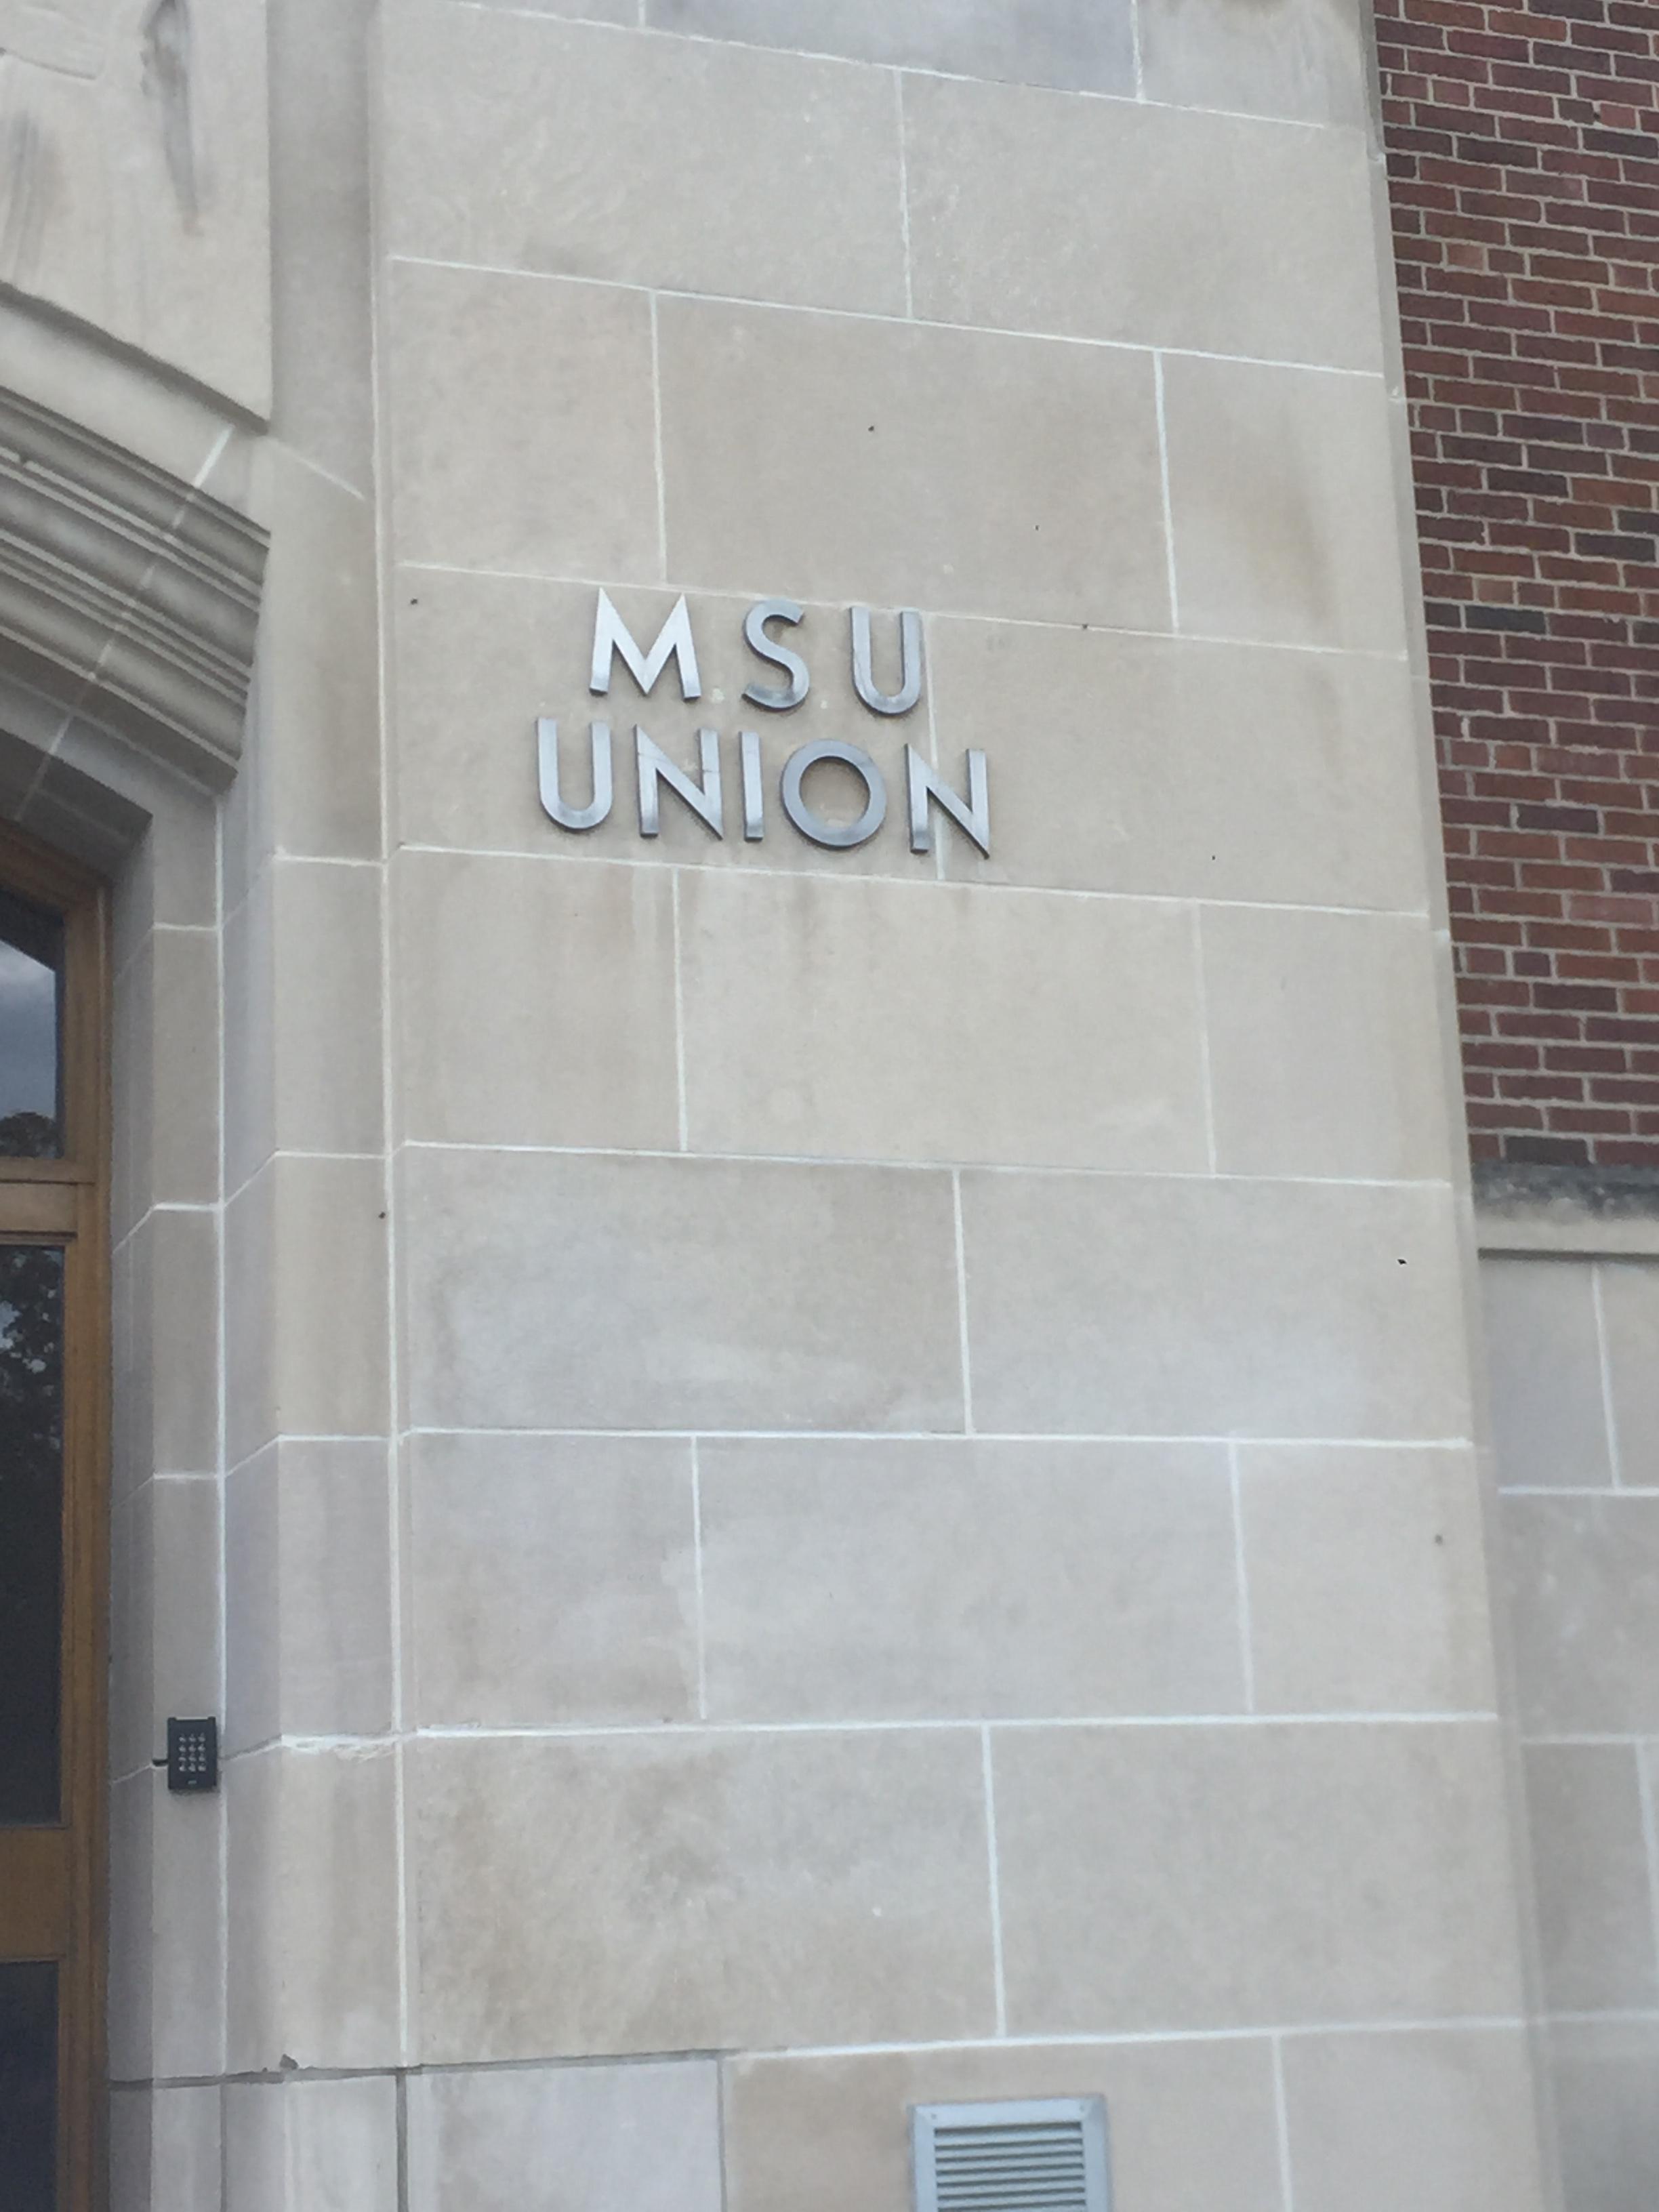 Michigan State University Student Union sign